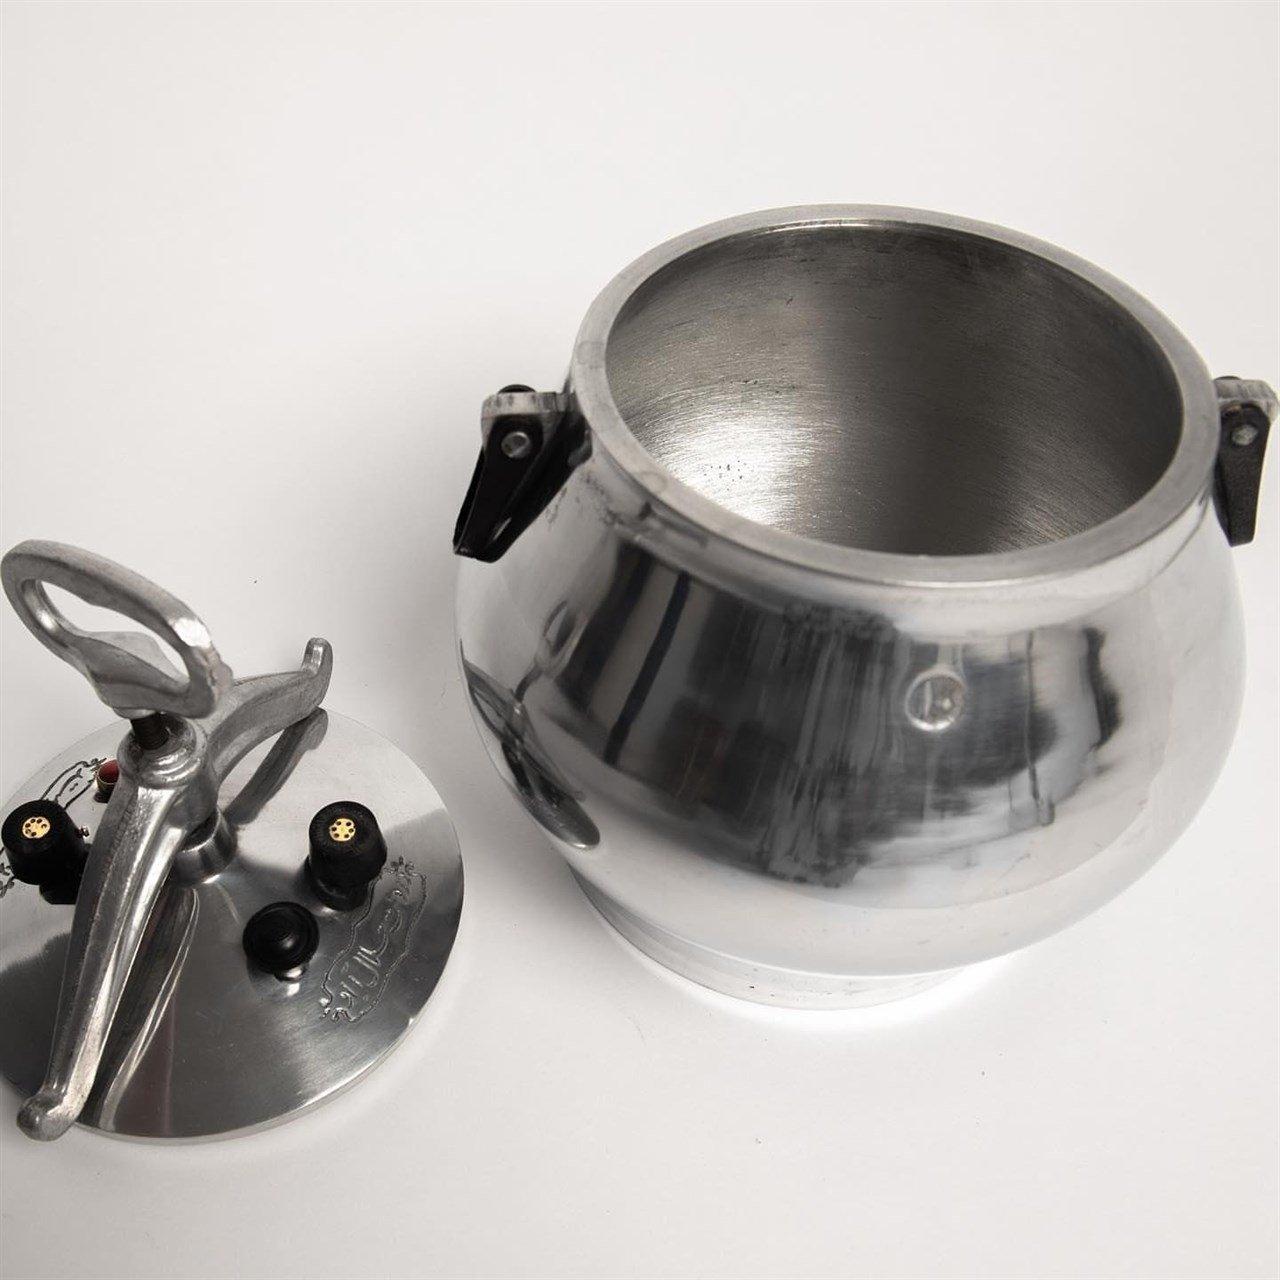 Afghan Kazan (Pressure Cooker) Nickel-Plated